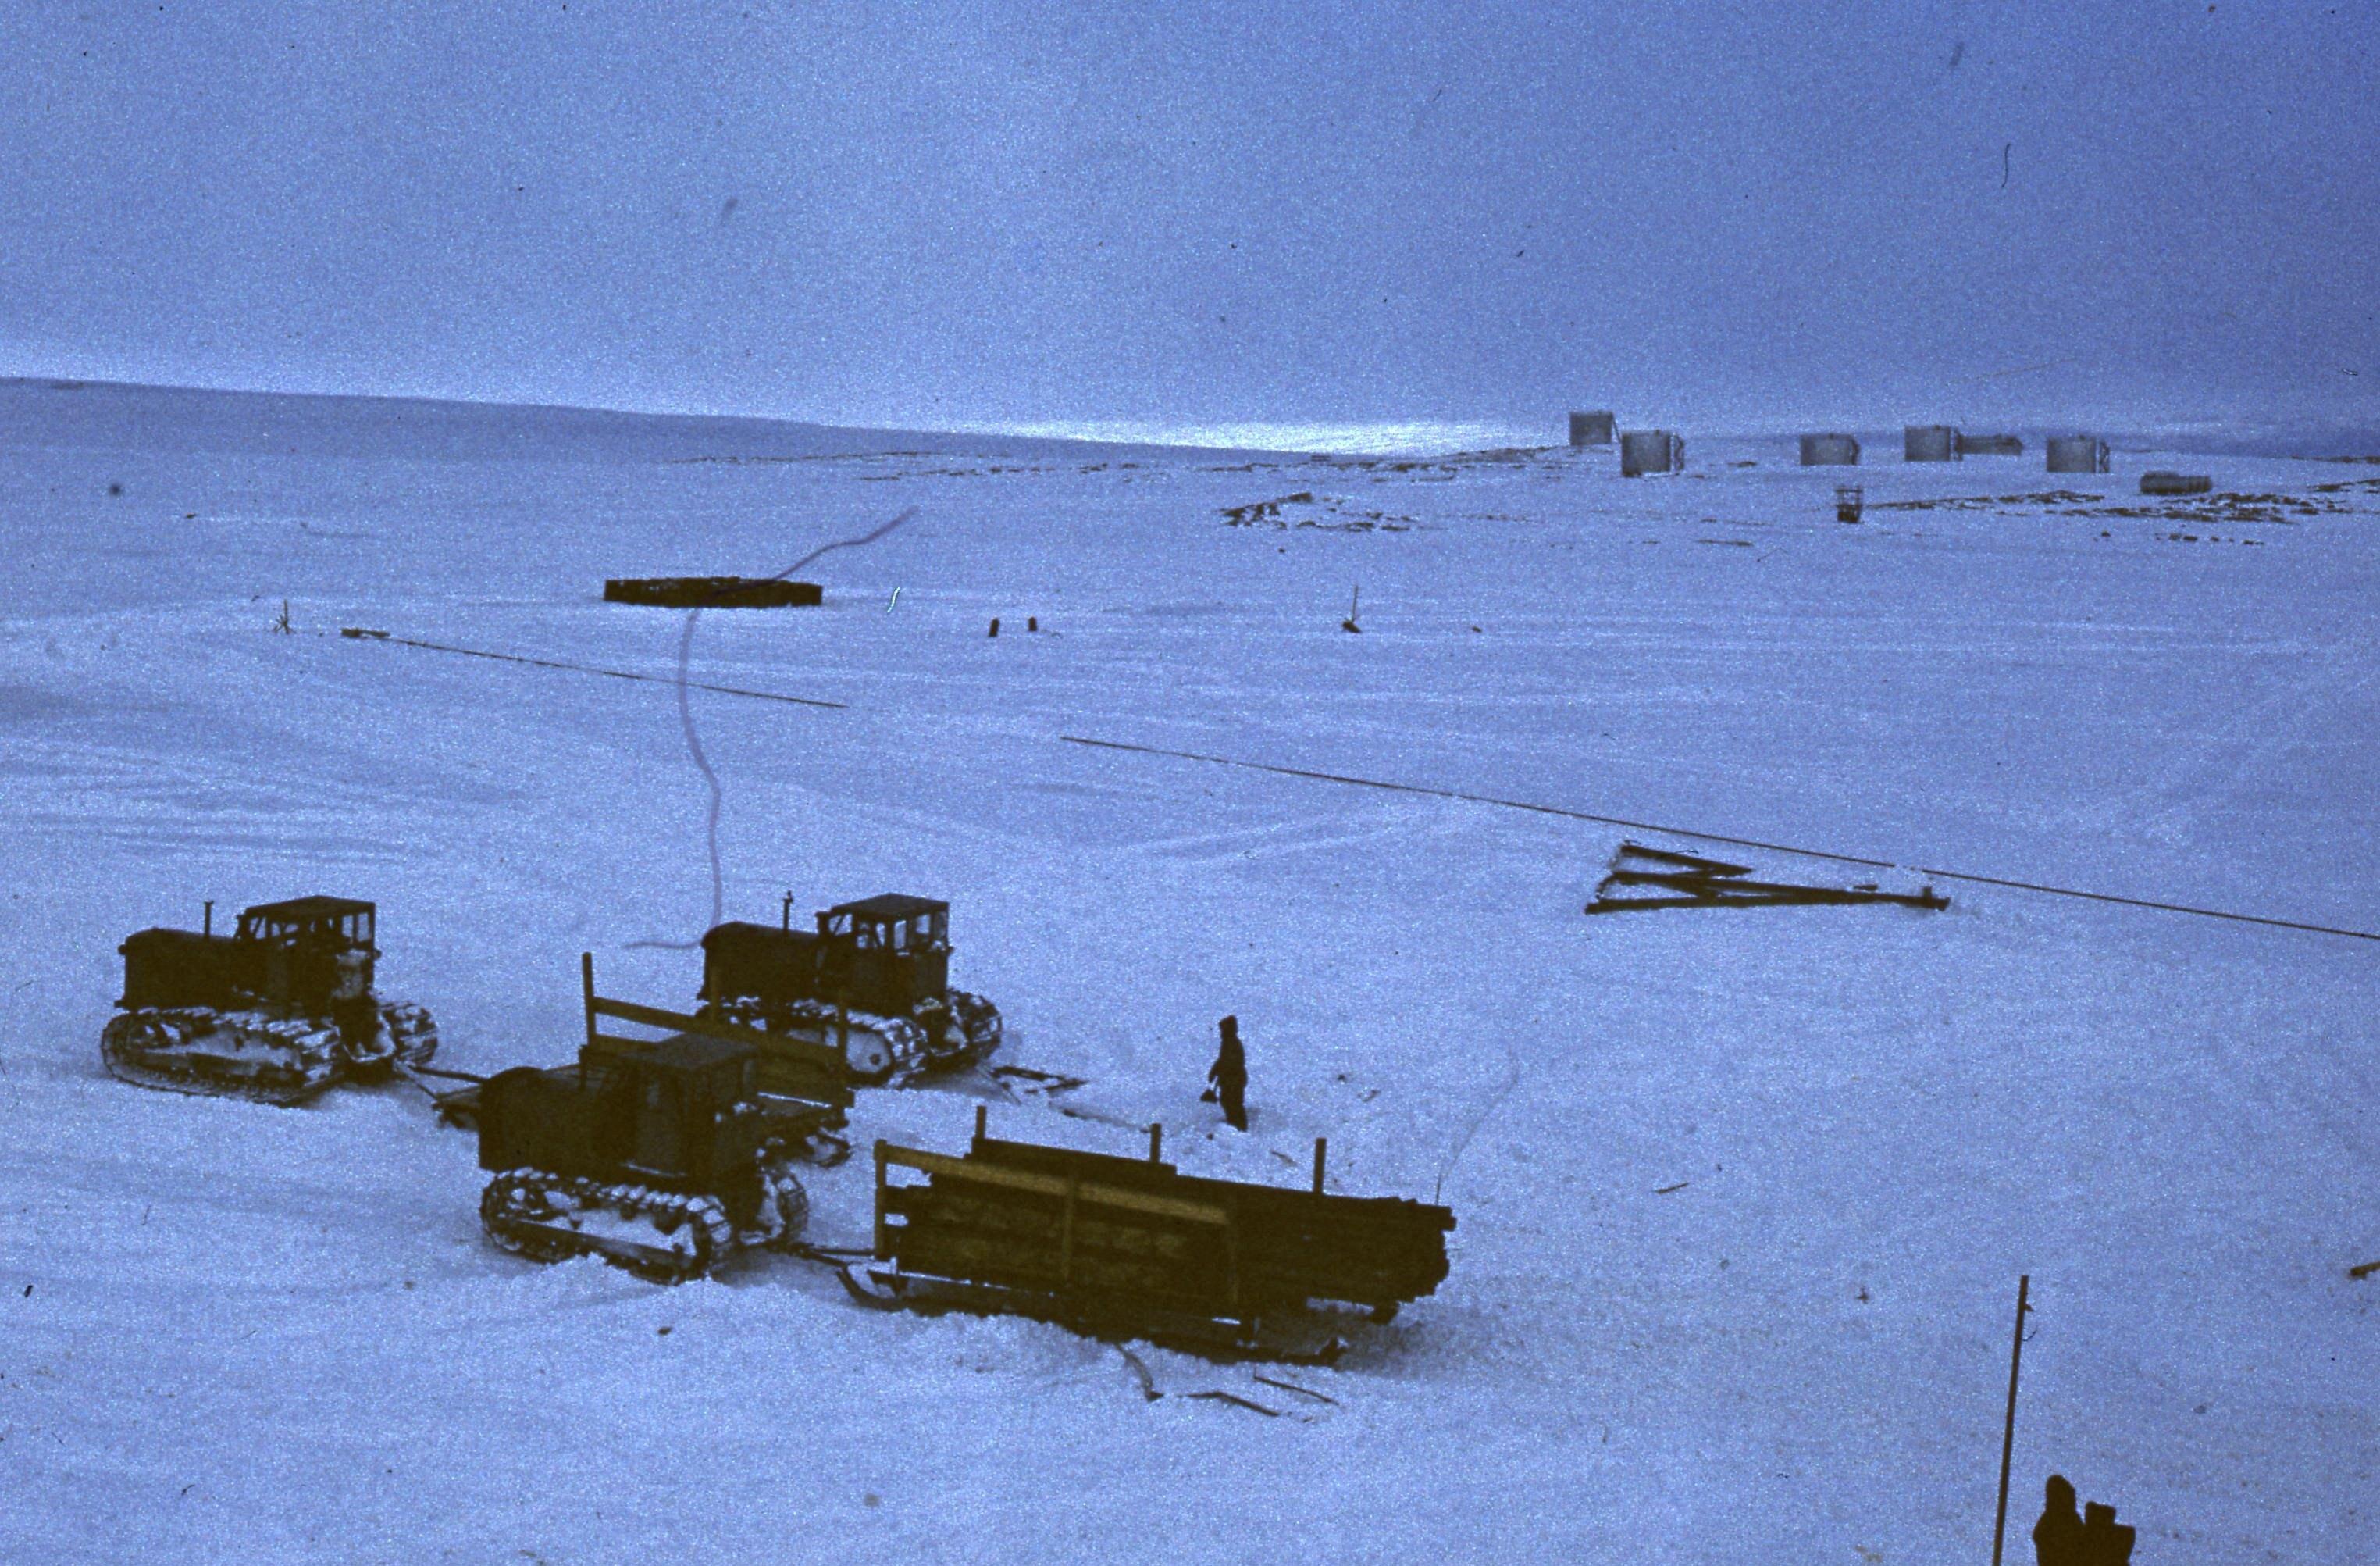 829621 Антарктическая станция _Молодёжная_.jpg